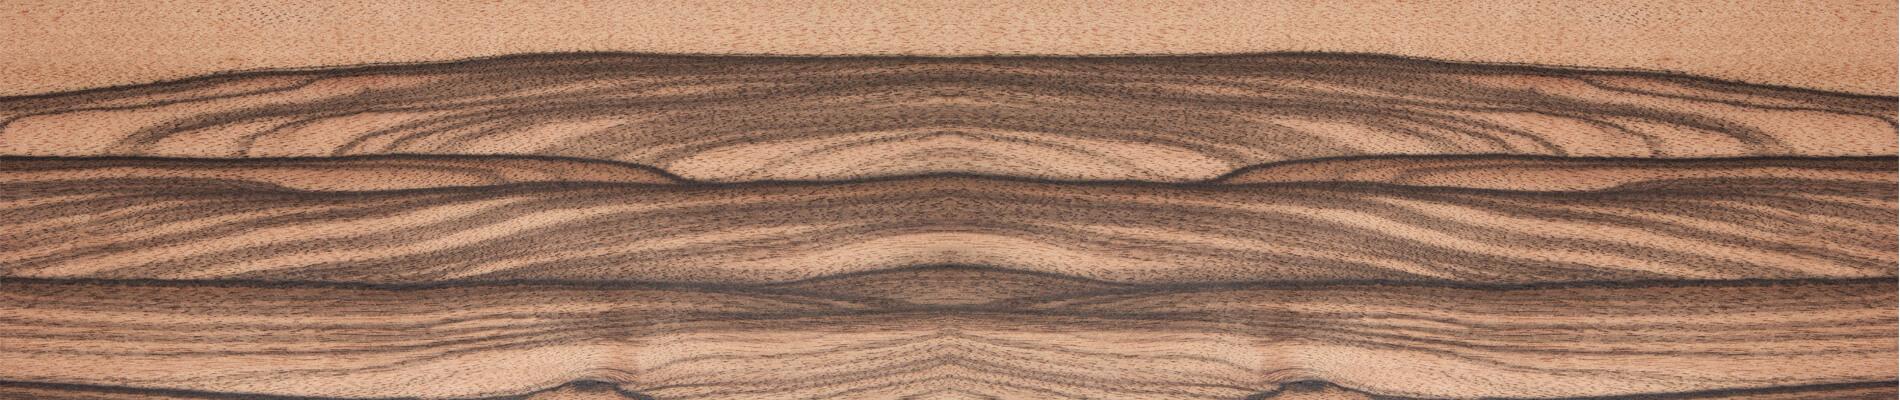 essence de bois b ne de macassar bois pr cieux loupes essarbois. Black Bedroom Furniture Sets. Home Design Ideas